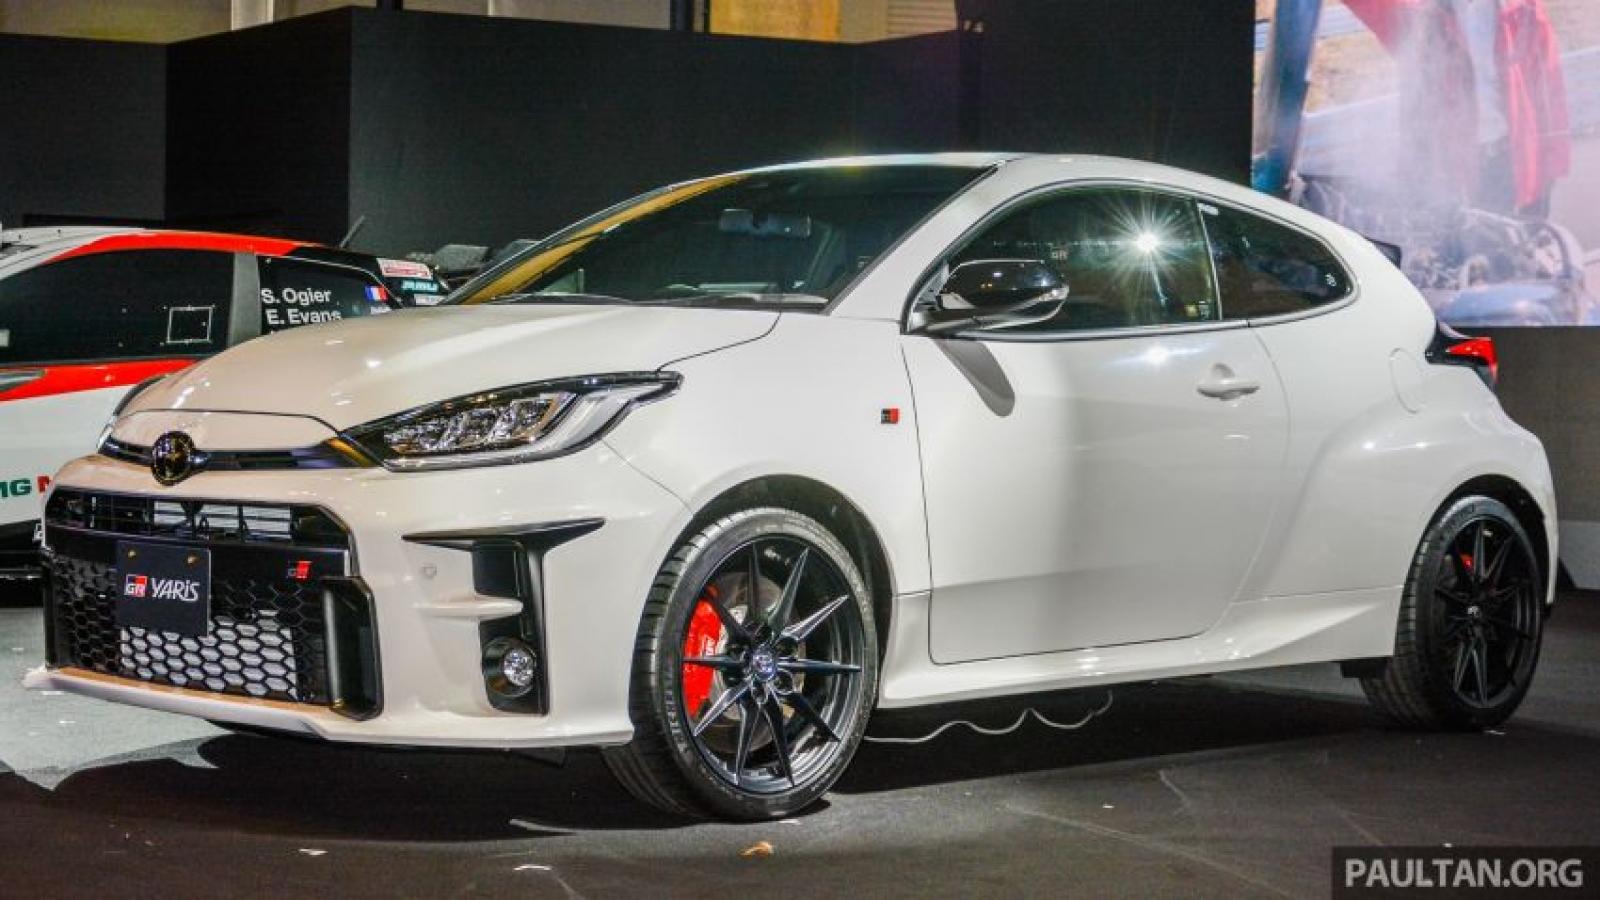 3 phiên bản thể thao Toyota GR Yaris chính thức được giới thiệu